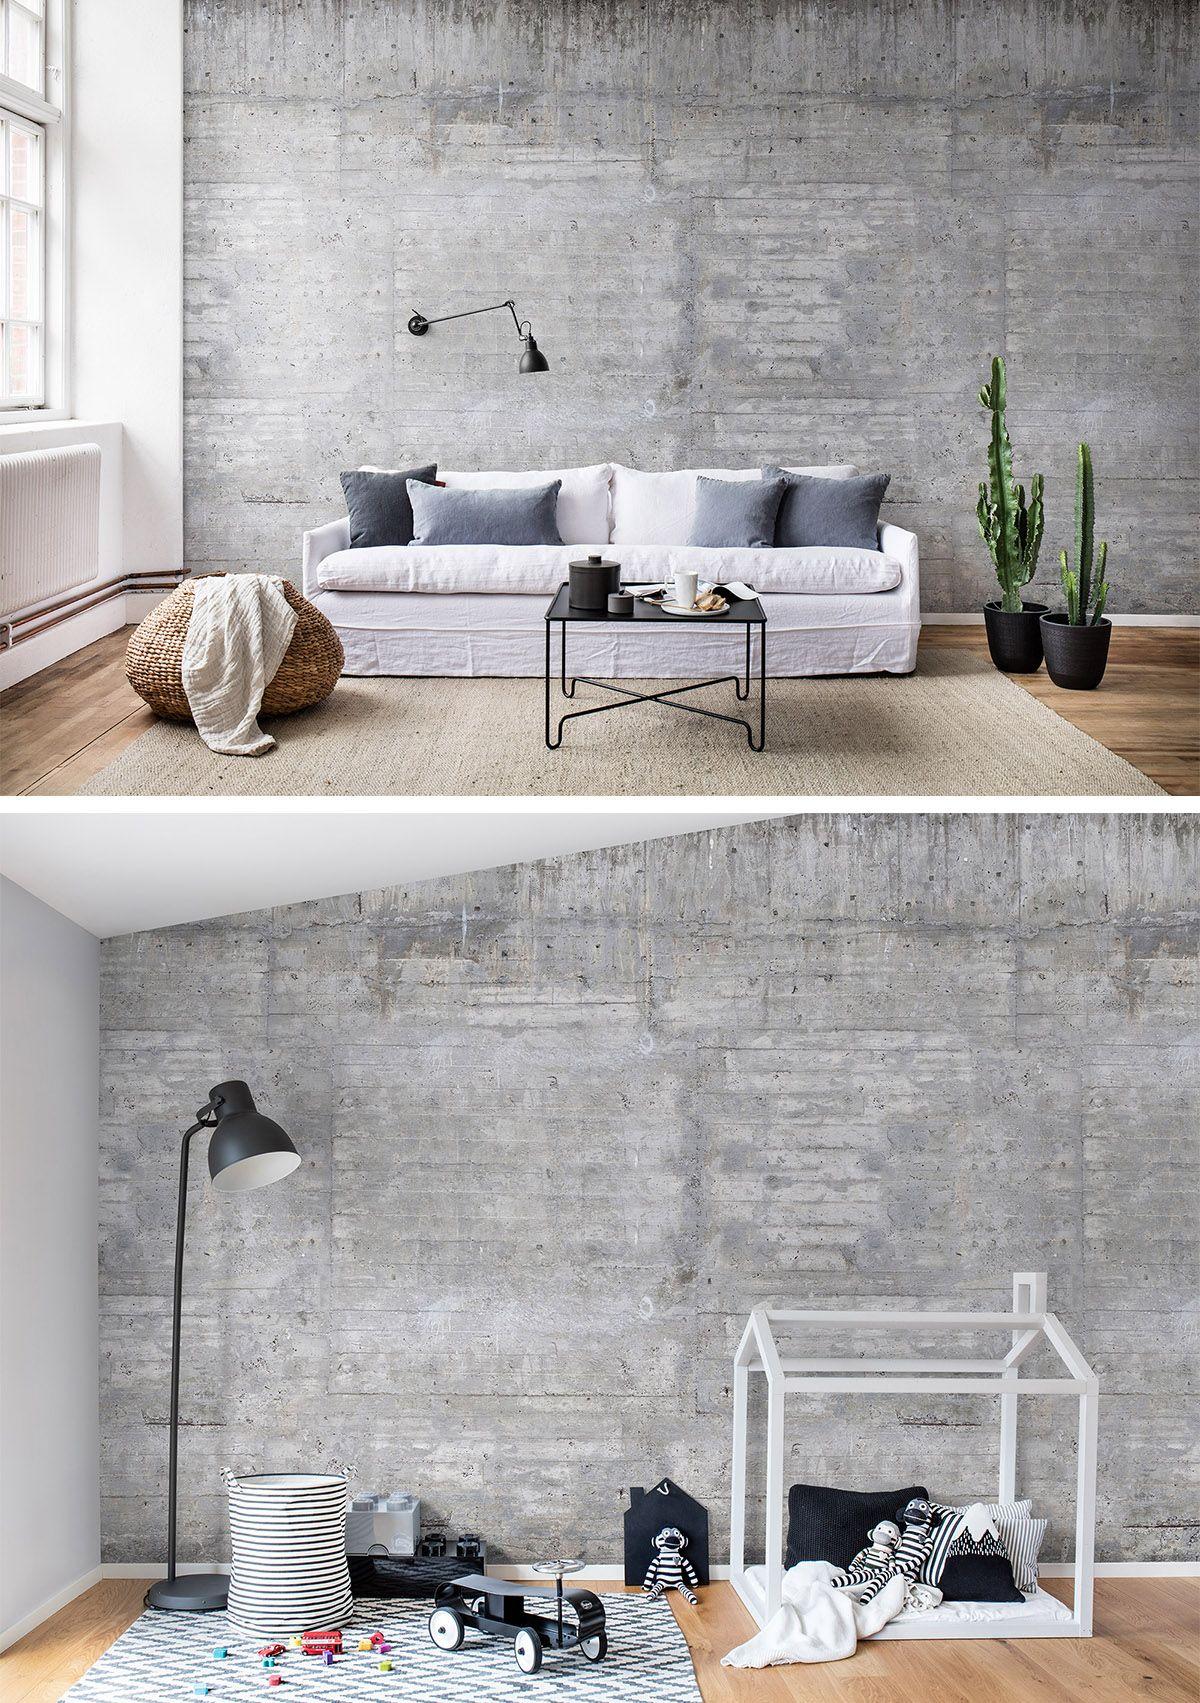 Full Size of Tapete Modern Wohnzimmer Wooden Concrete Mit Bildern Wandgestaltung Sofa Kleines Wandbilder Küche Led Deckenleuchte Beleuchtung Schlafzimmer Teppiche Wohnzimmer Tapete Modern Wohnzimmer